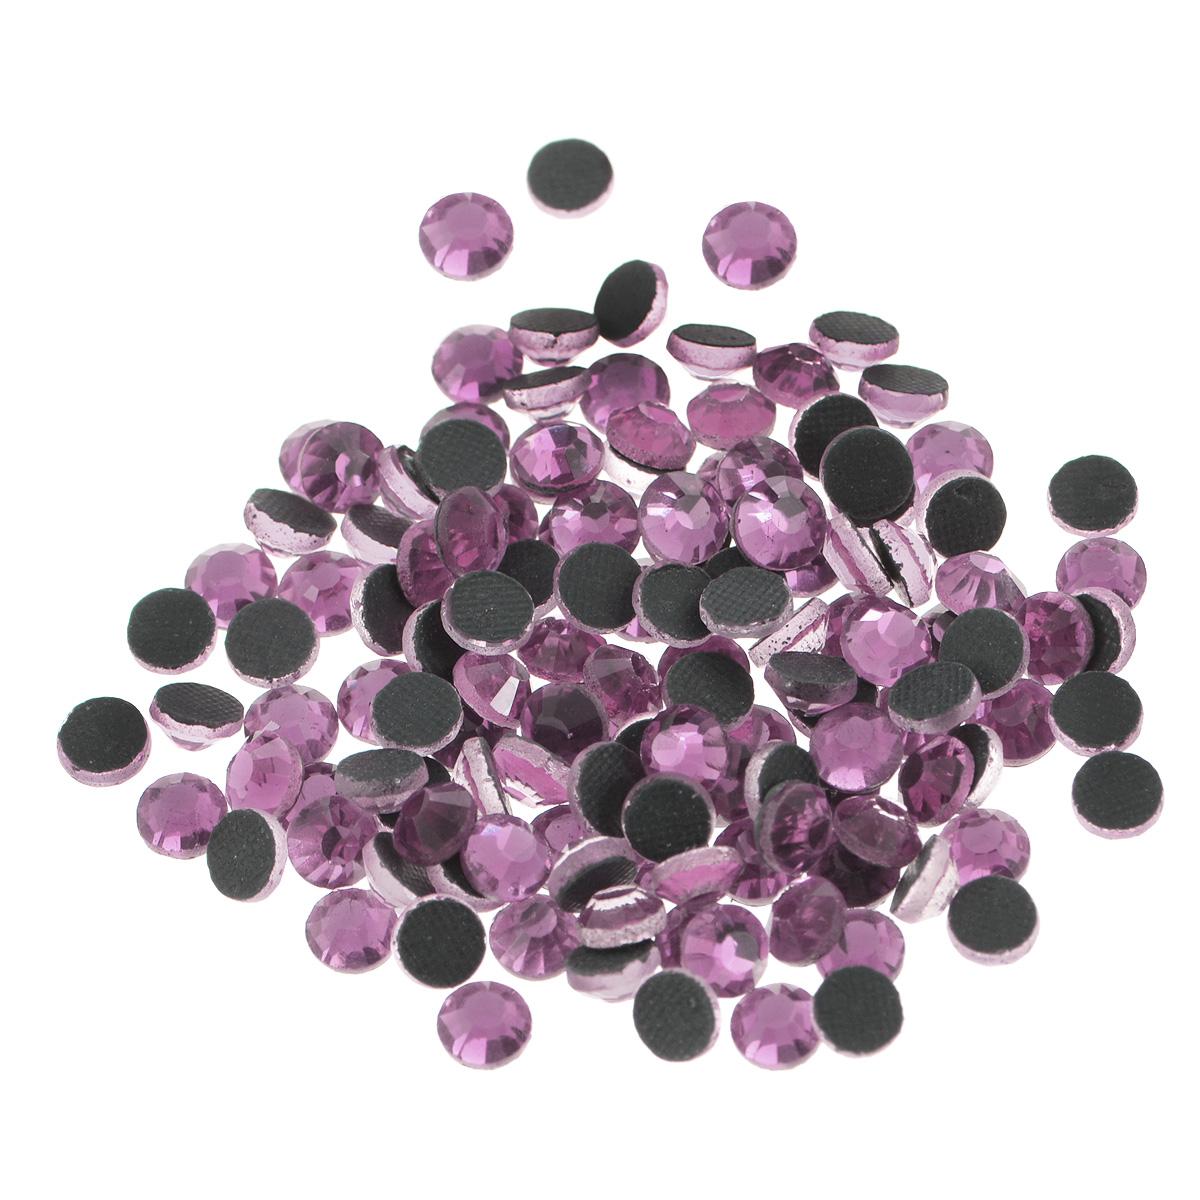 Стразы термоклеевые Cristal, цвет: бледно-розовый (212), диаметр 4,8 мм, 144 шт7706832_212Набор термоклеевых страз Cristal, изготовленный из высококачественного акрила, позволит вам украсить одежду, аксессуары или текстиль. Яркие стразы имеют плоское дно и круглую поверхность с гранями.Дно термоклеевых страз уже обработано особым клеем, который под воздействием высоких температур начинает плавиться, приклеиваясь, таким образом, к требуемой поверхности. Чаще всего их используют в текстильной промышленности: стразы прикладывают к ткани и проглаживают утюгом с обратной стороны. Также можно использовать специальный паяльник. Украшение стразами поможет сделать любую вещь оригинальной и неповторимой. Диаметр стразы: 4,8 мм.